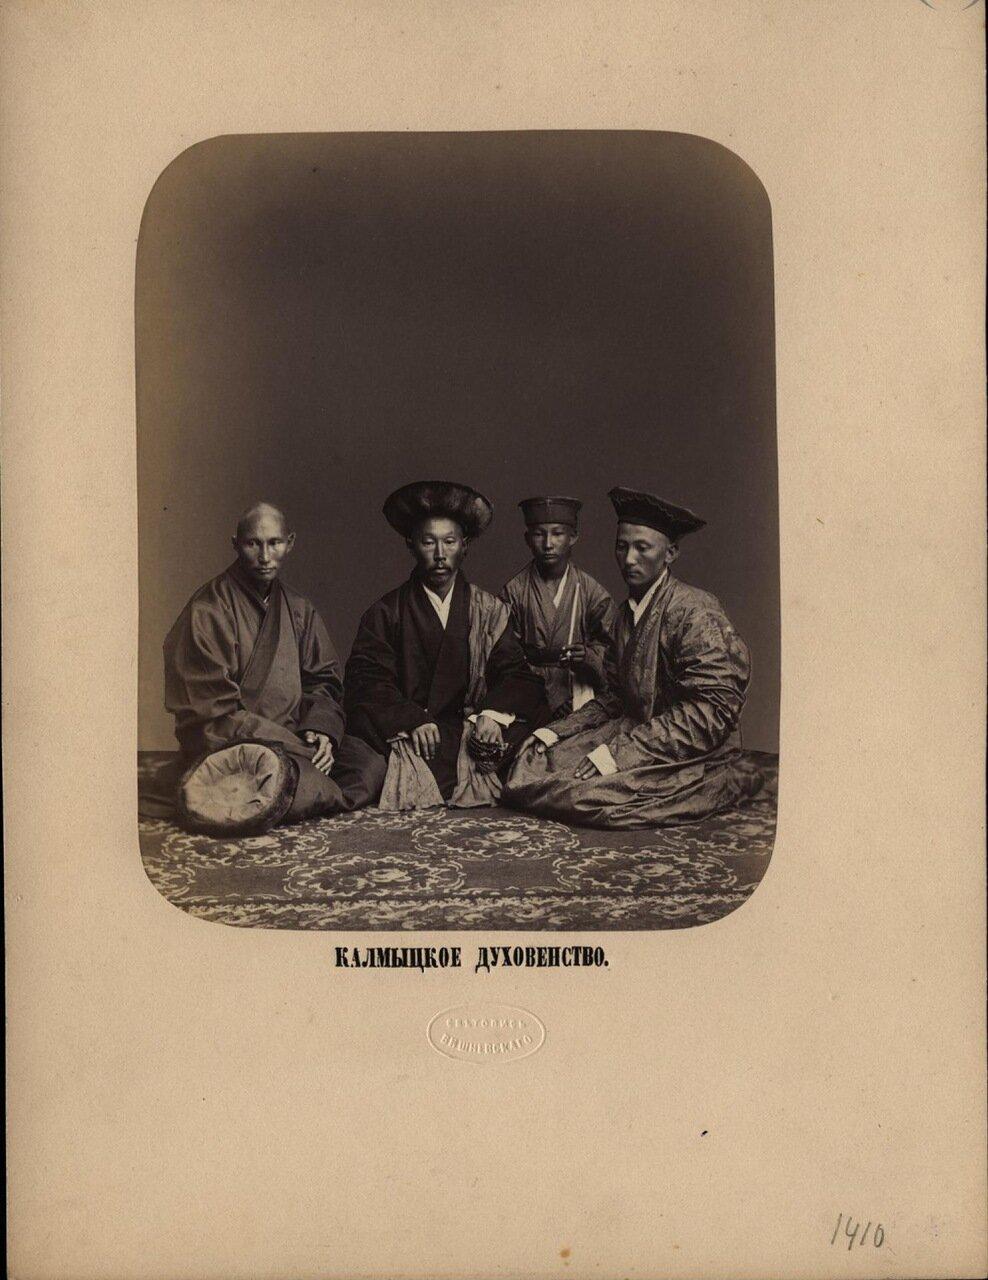 Калмыцкое духовенство . Ателье «Светопись Вишневского». - Начало 1870-х